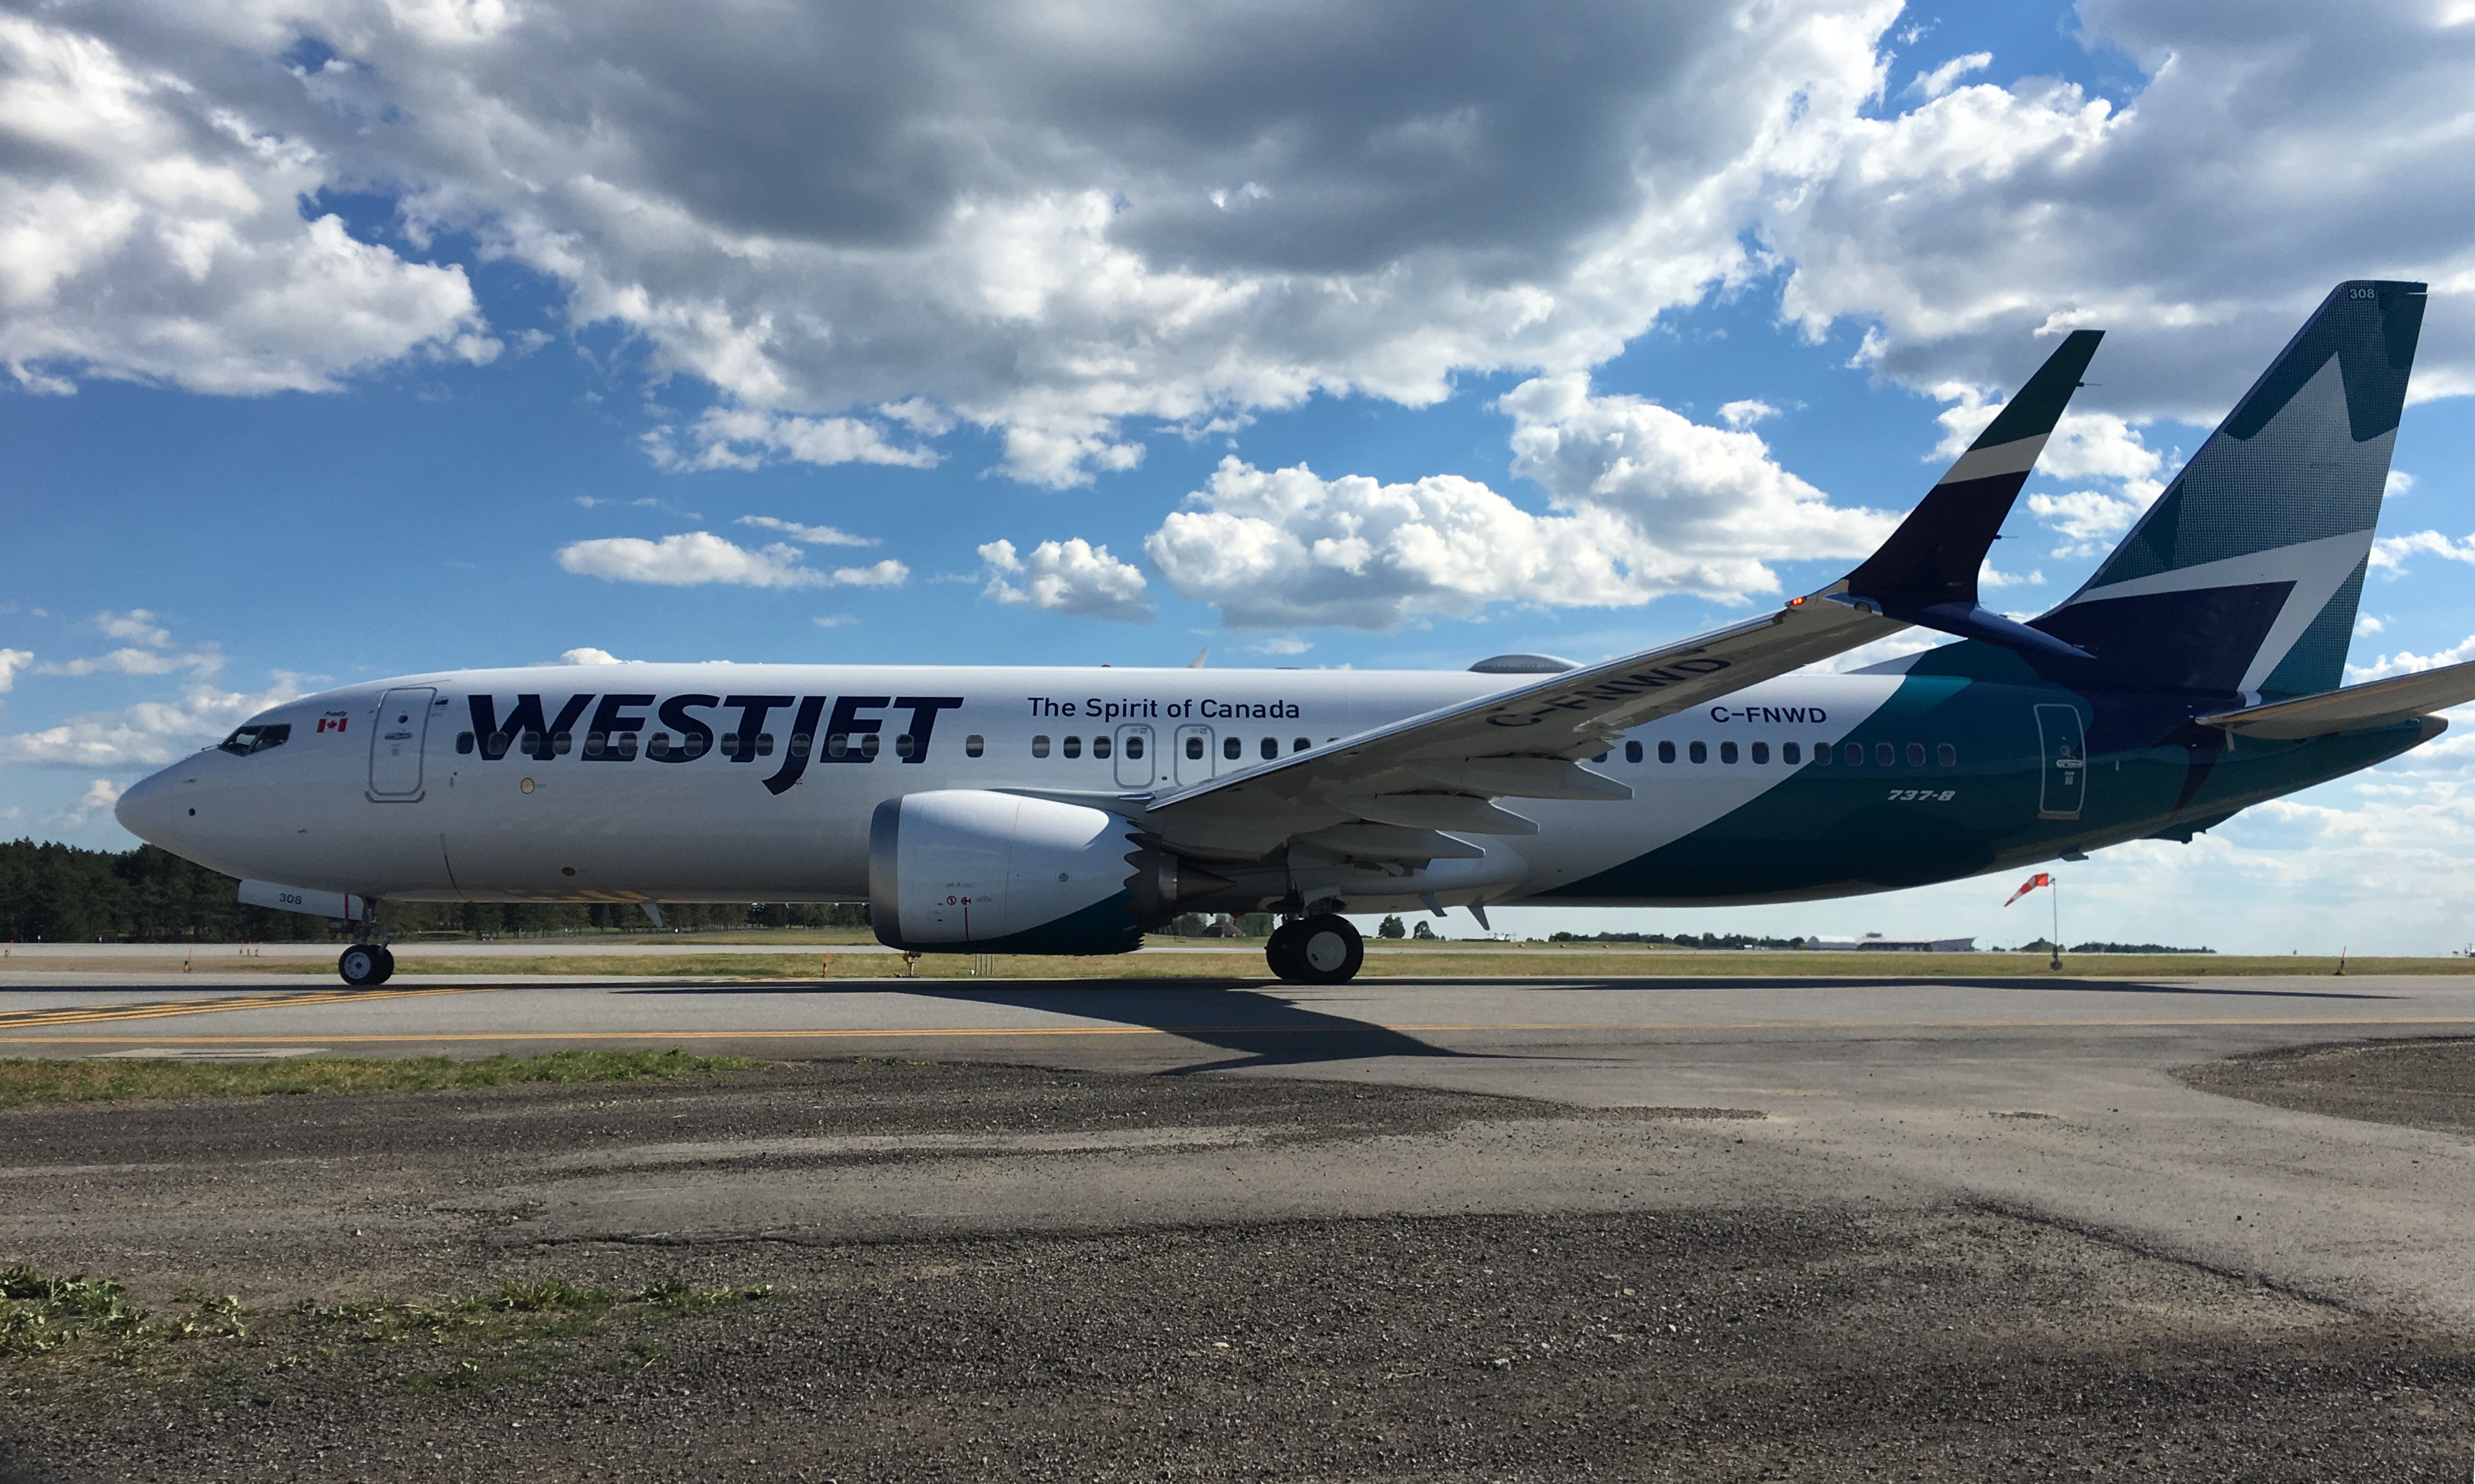 Resultado de imagen para westjet airlines new livery